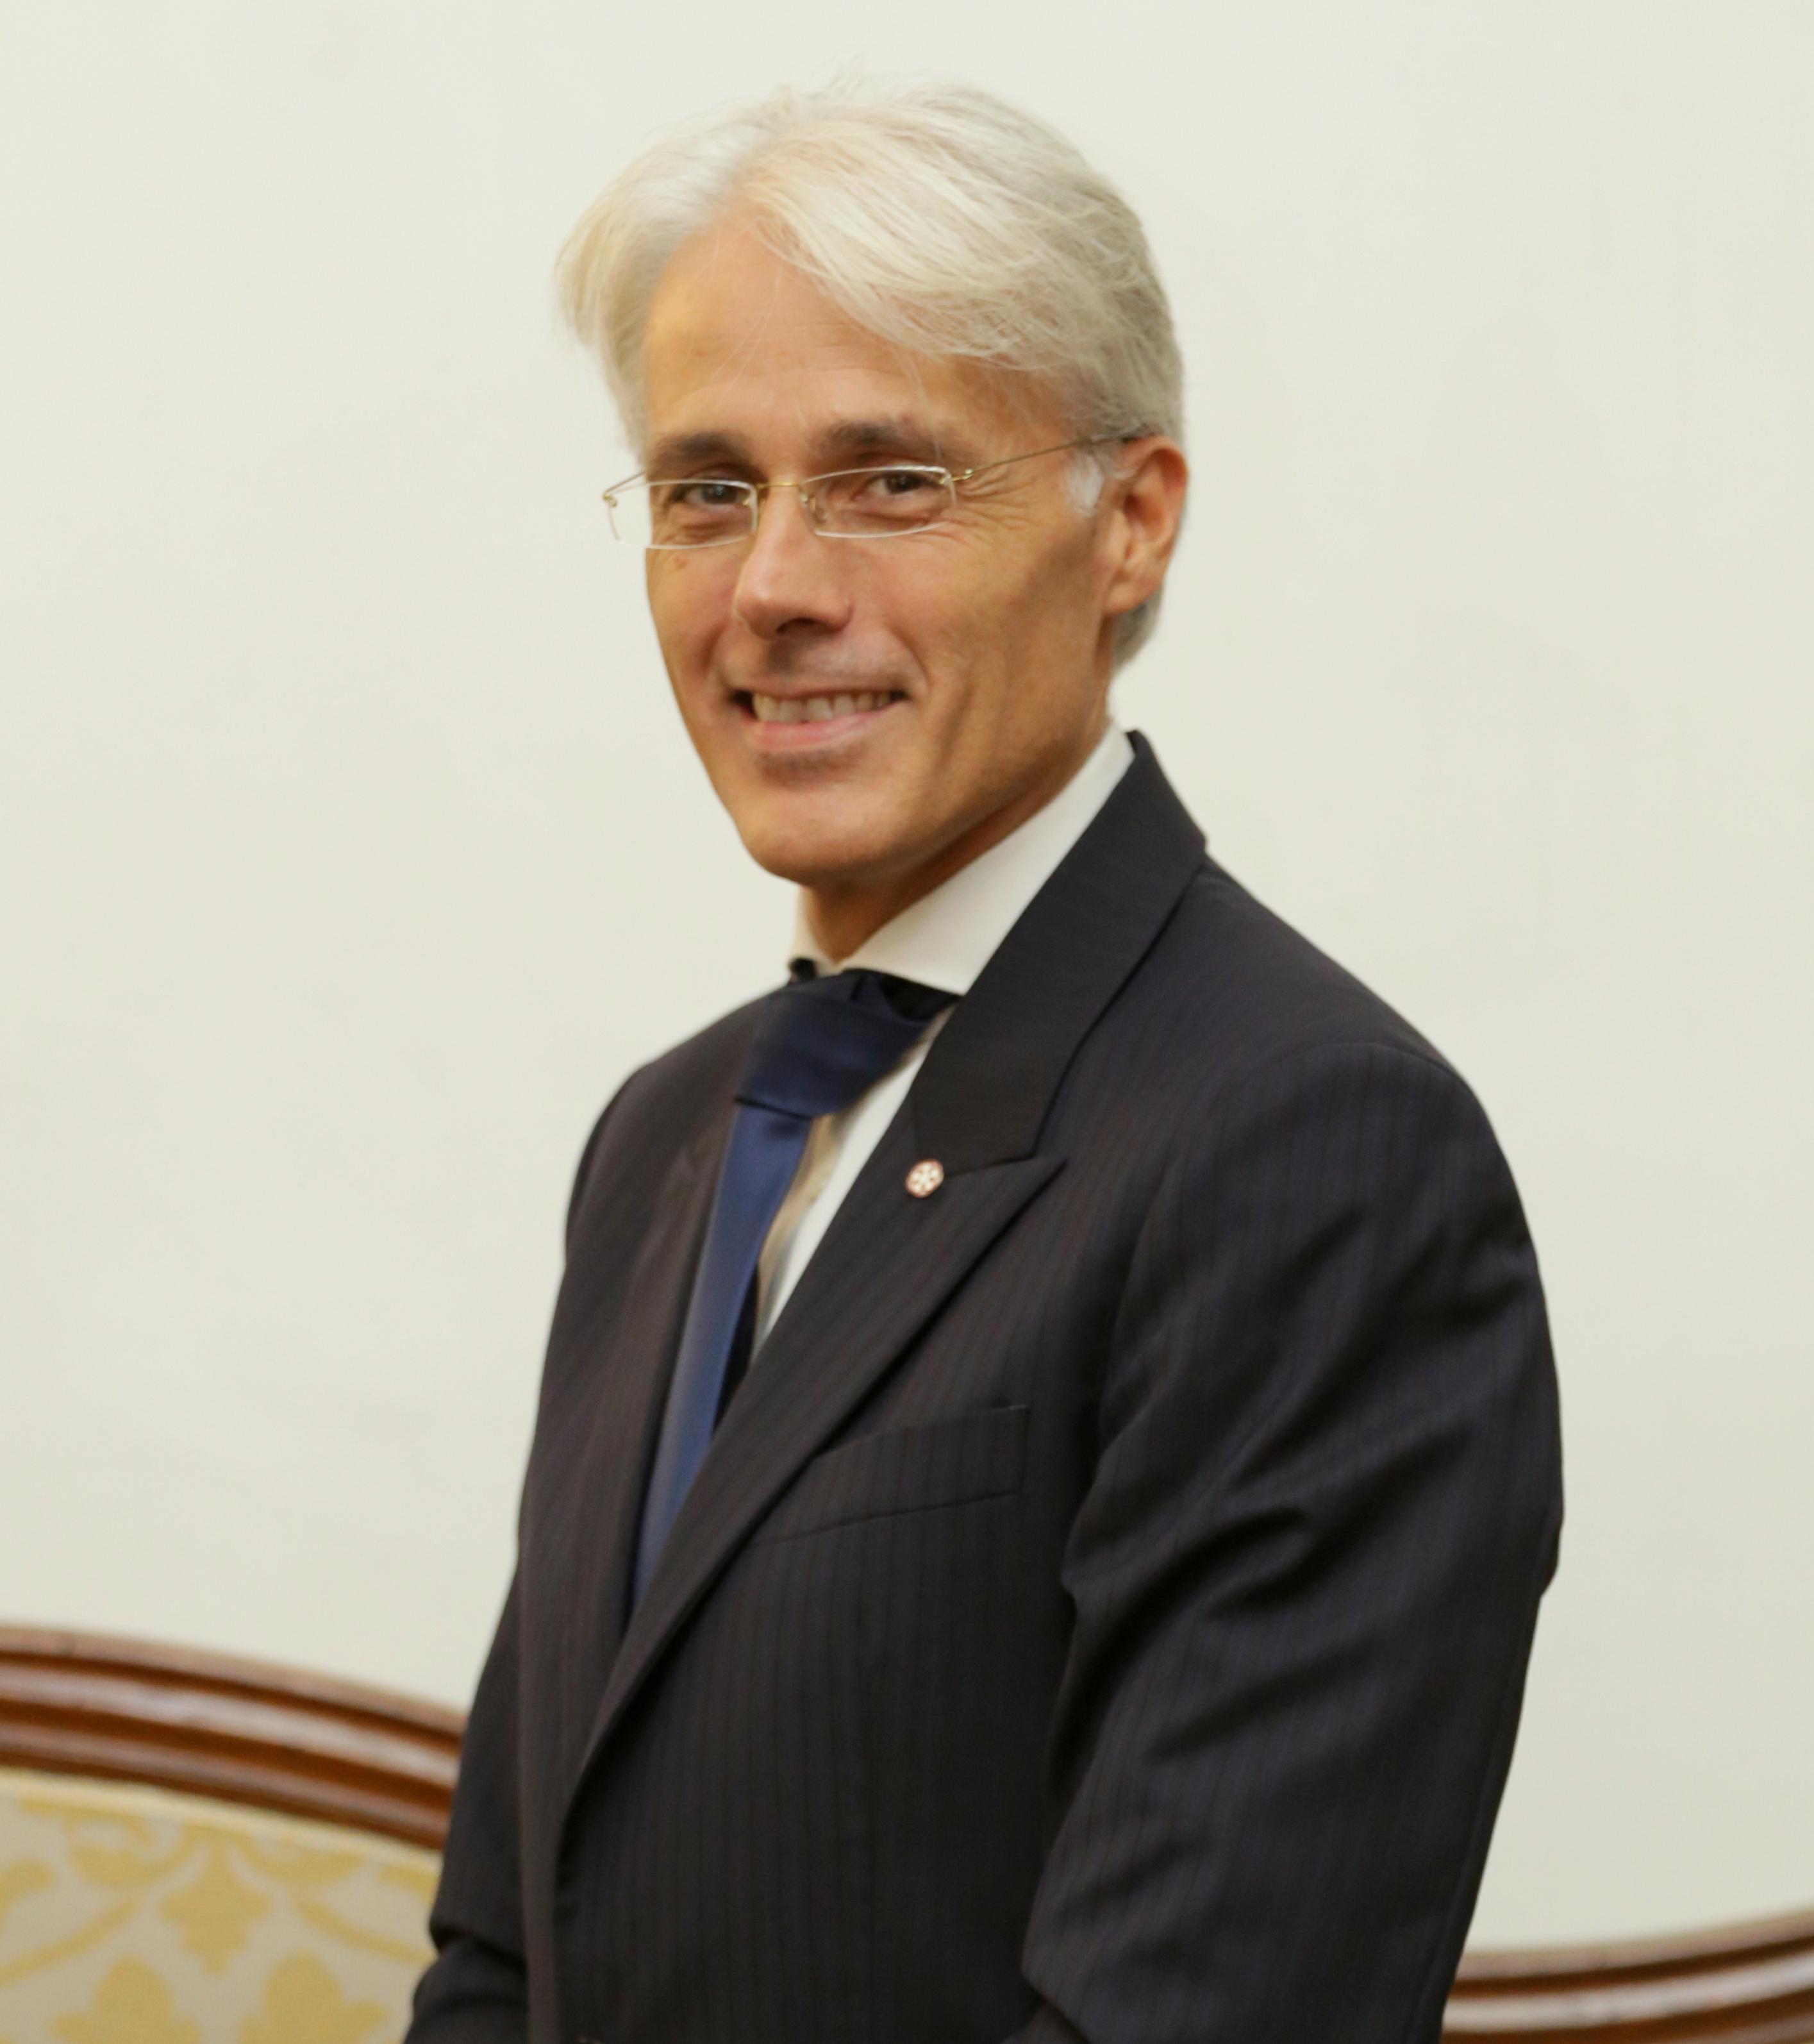 Robert Braga, Commercialista e Presidente dell'Associazione PROdigitale